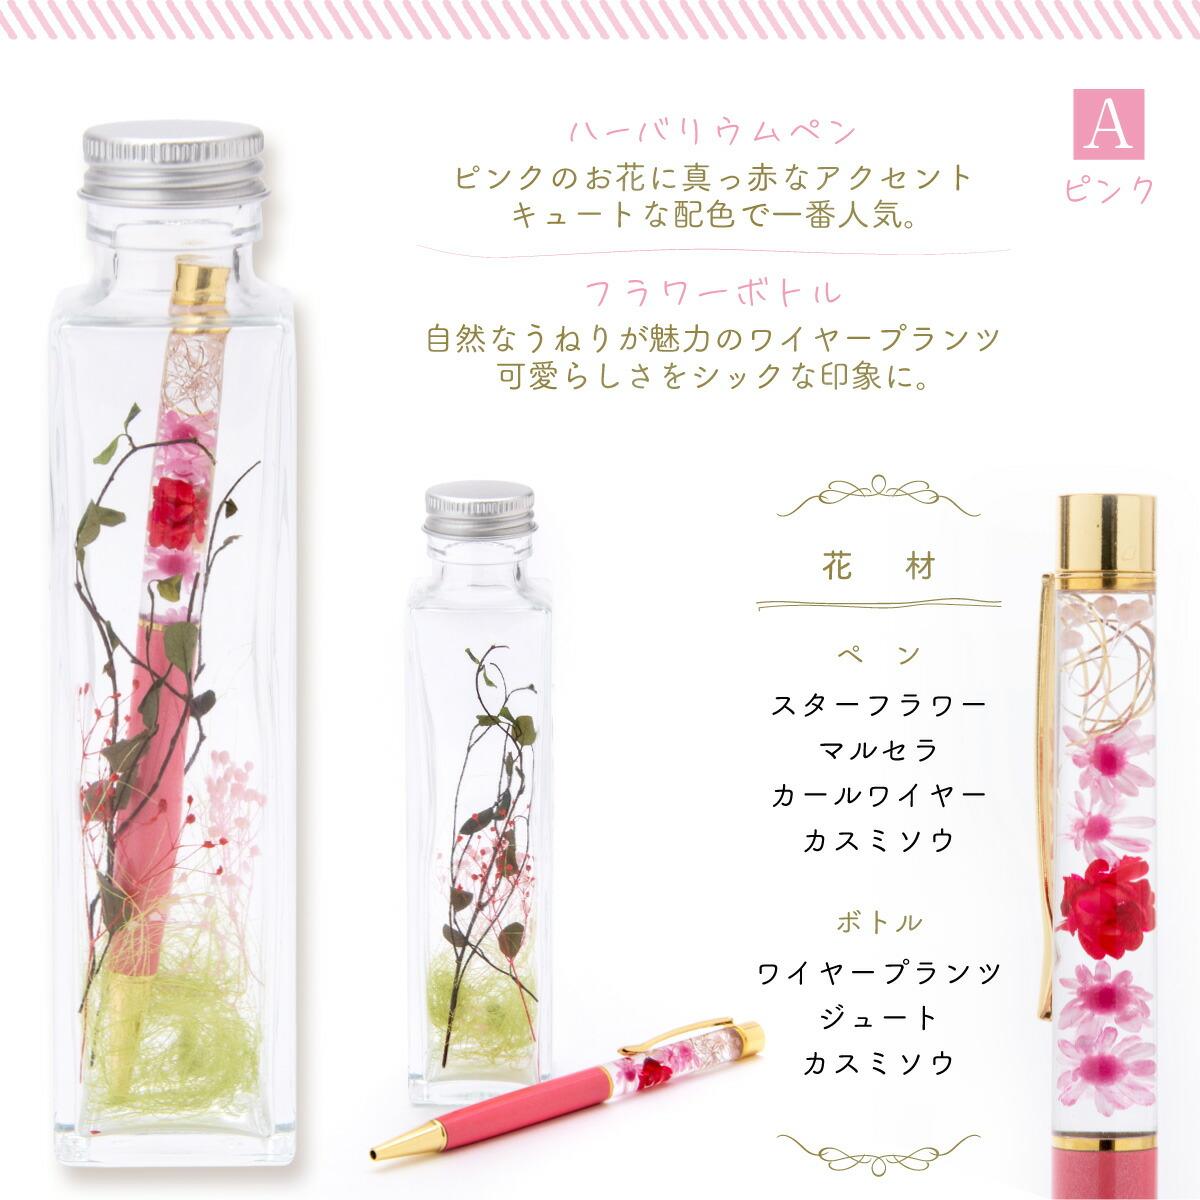 ハーバリウムペンはピンクのお花に真っ赤なアクセント。キュートな配色で一番人気。フラワーボトルは自然なうねりが魅力のワイヤープランツ。可愛らしさをシックな印象に。使用花材は、スターフラワー、マルセラ、カールワイヤー、かすみ草、ワイヤープランツ、ジュート